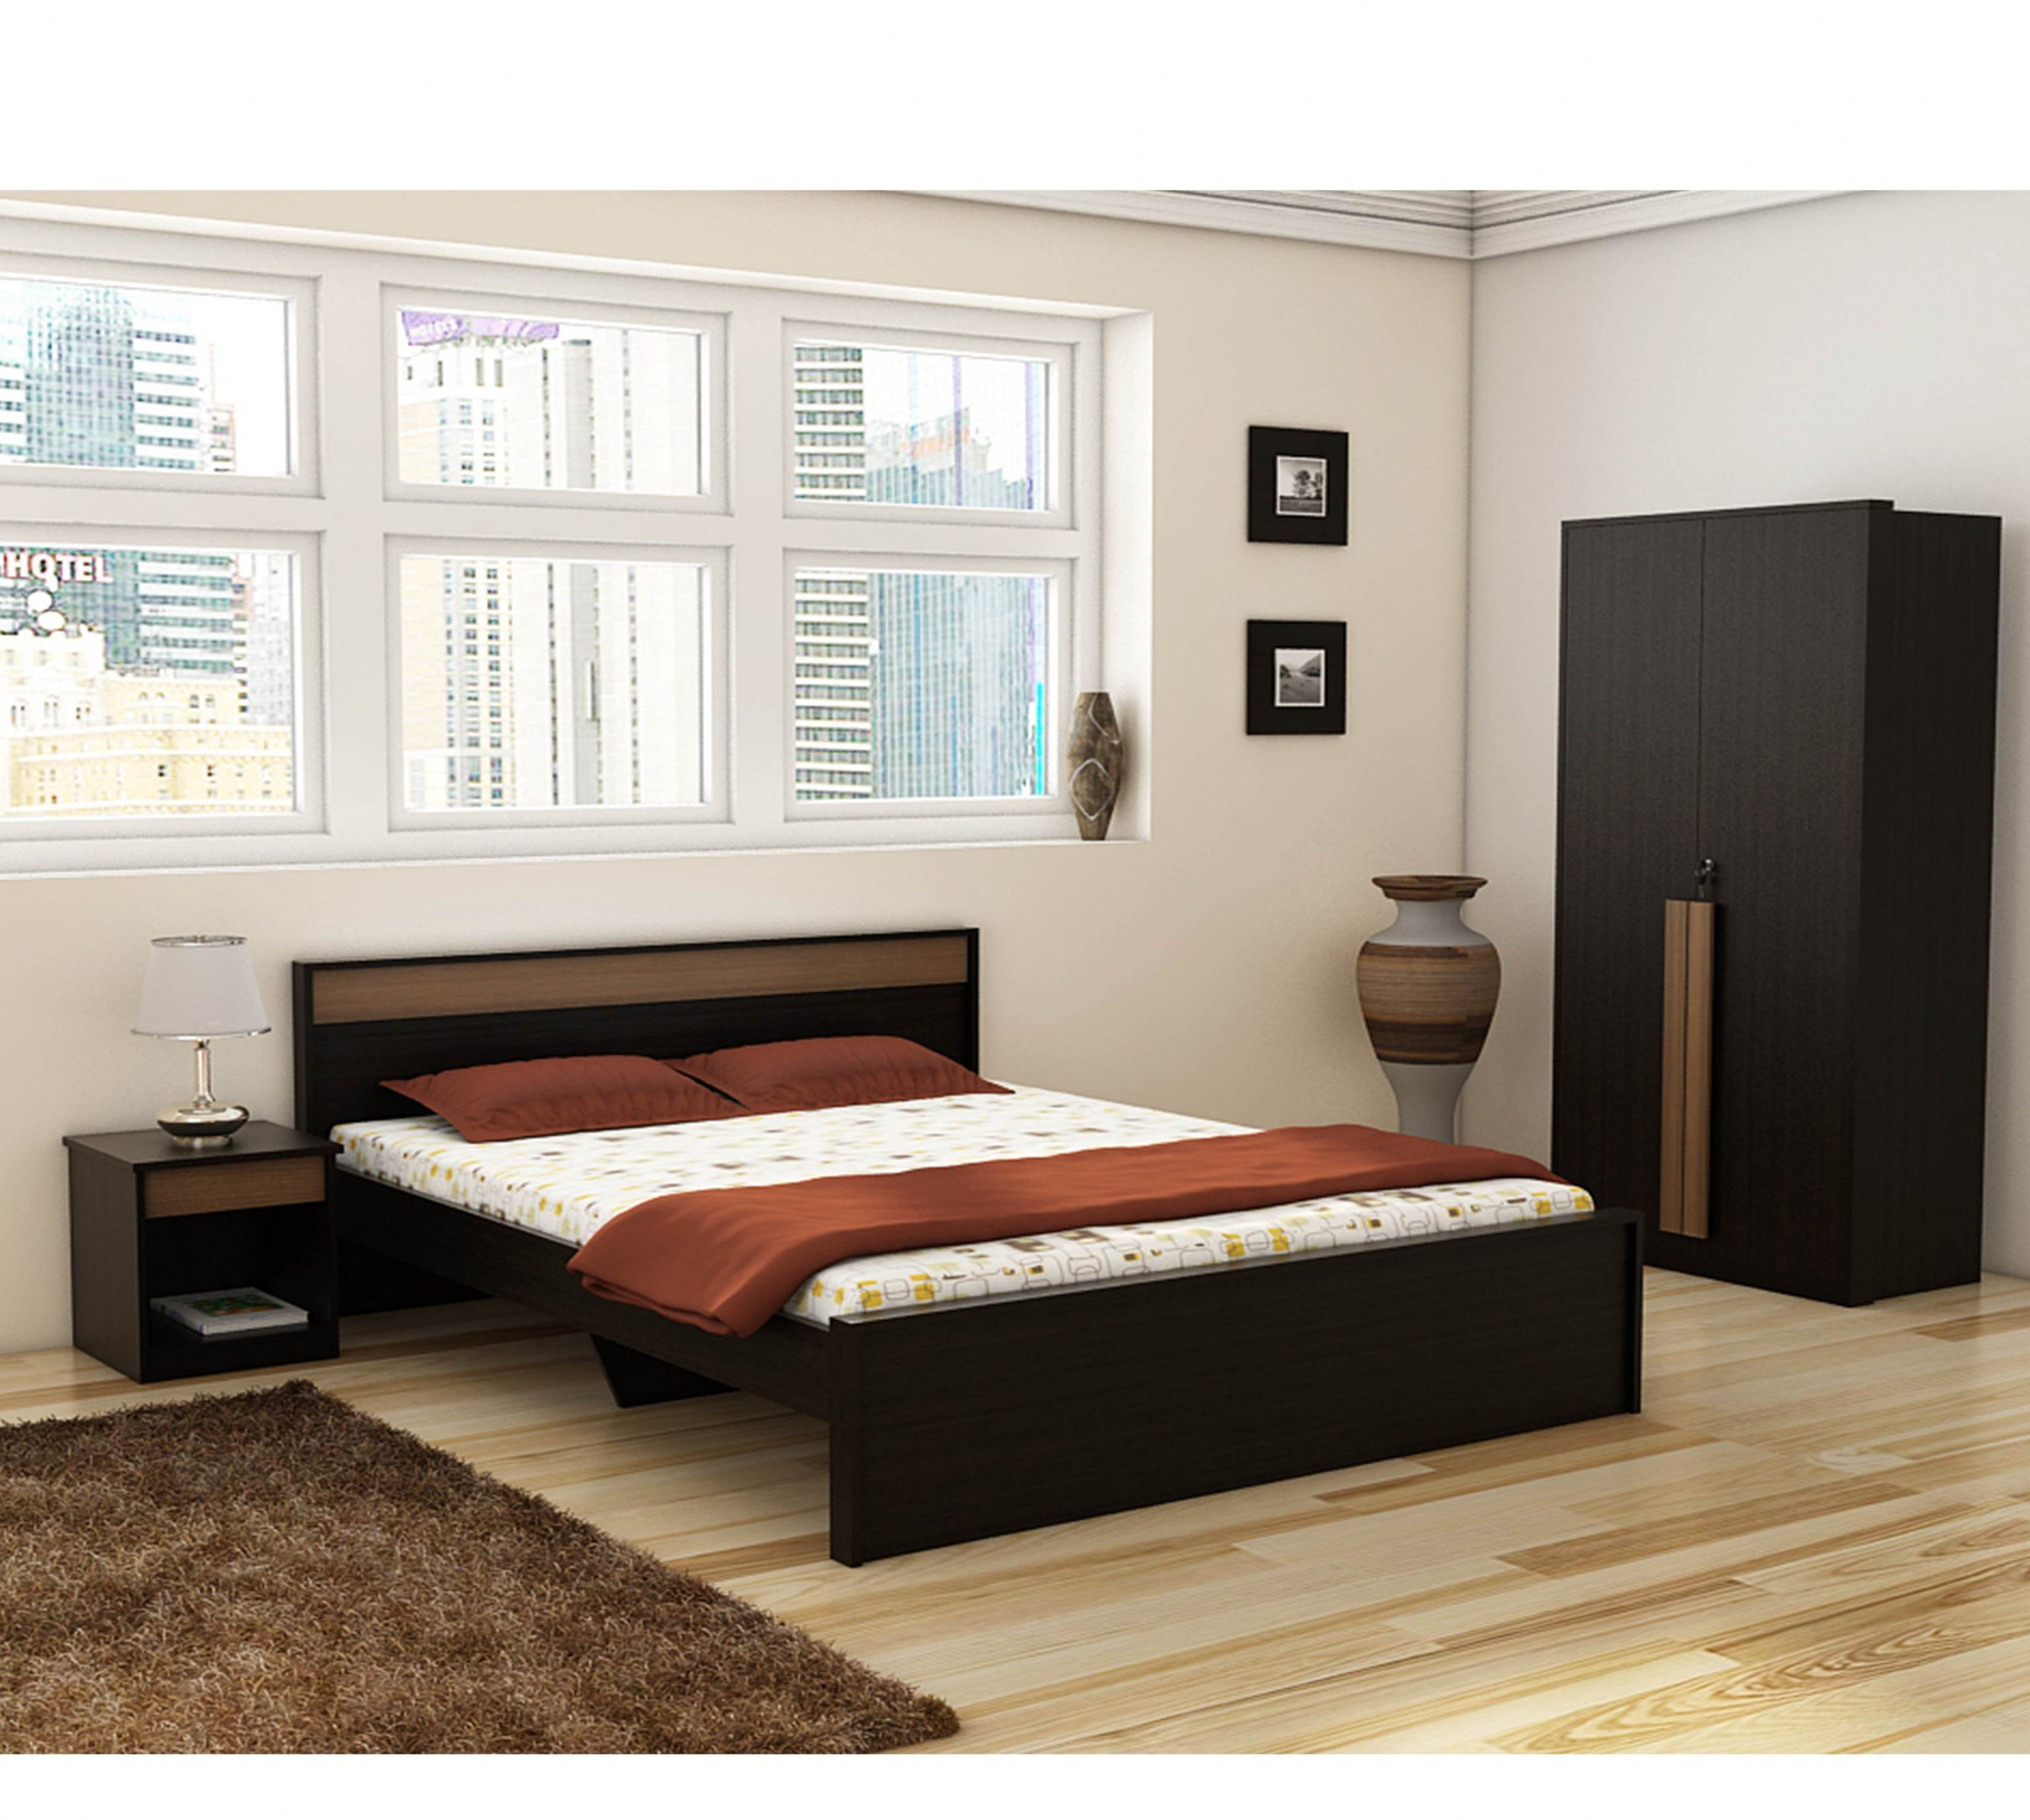 Ikea Bedroom Furniture Wardrobes Best Of Low Beds Ikea White Bedroom Furniture Sets Ikea White Hemnes